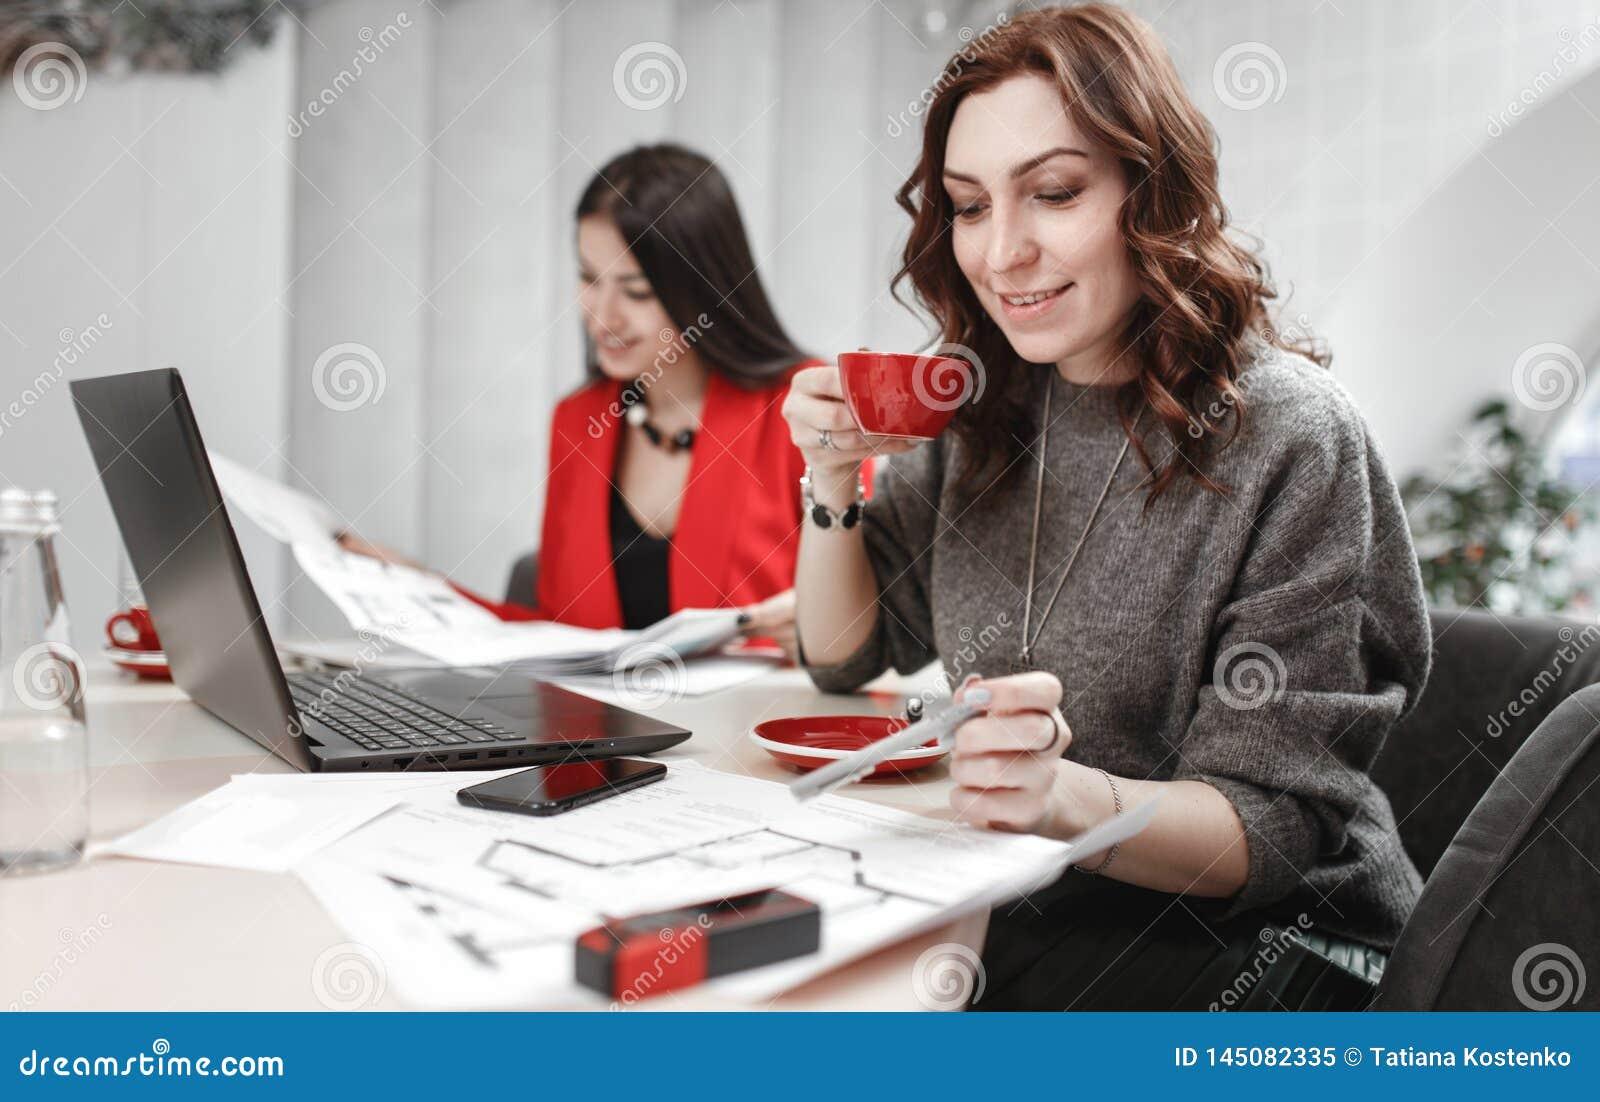 Laget av formgivaren f?r tv? unga kvinnor arbetar p? designprojektet av inre sammantr?de p? skrivbordet med b?rbara datorn och